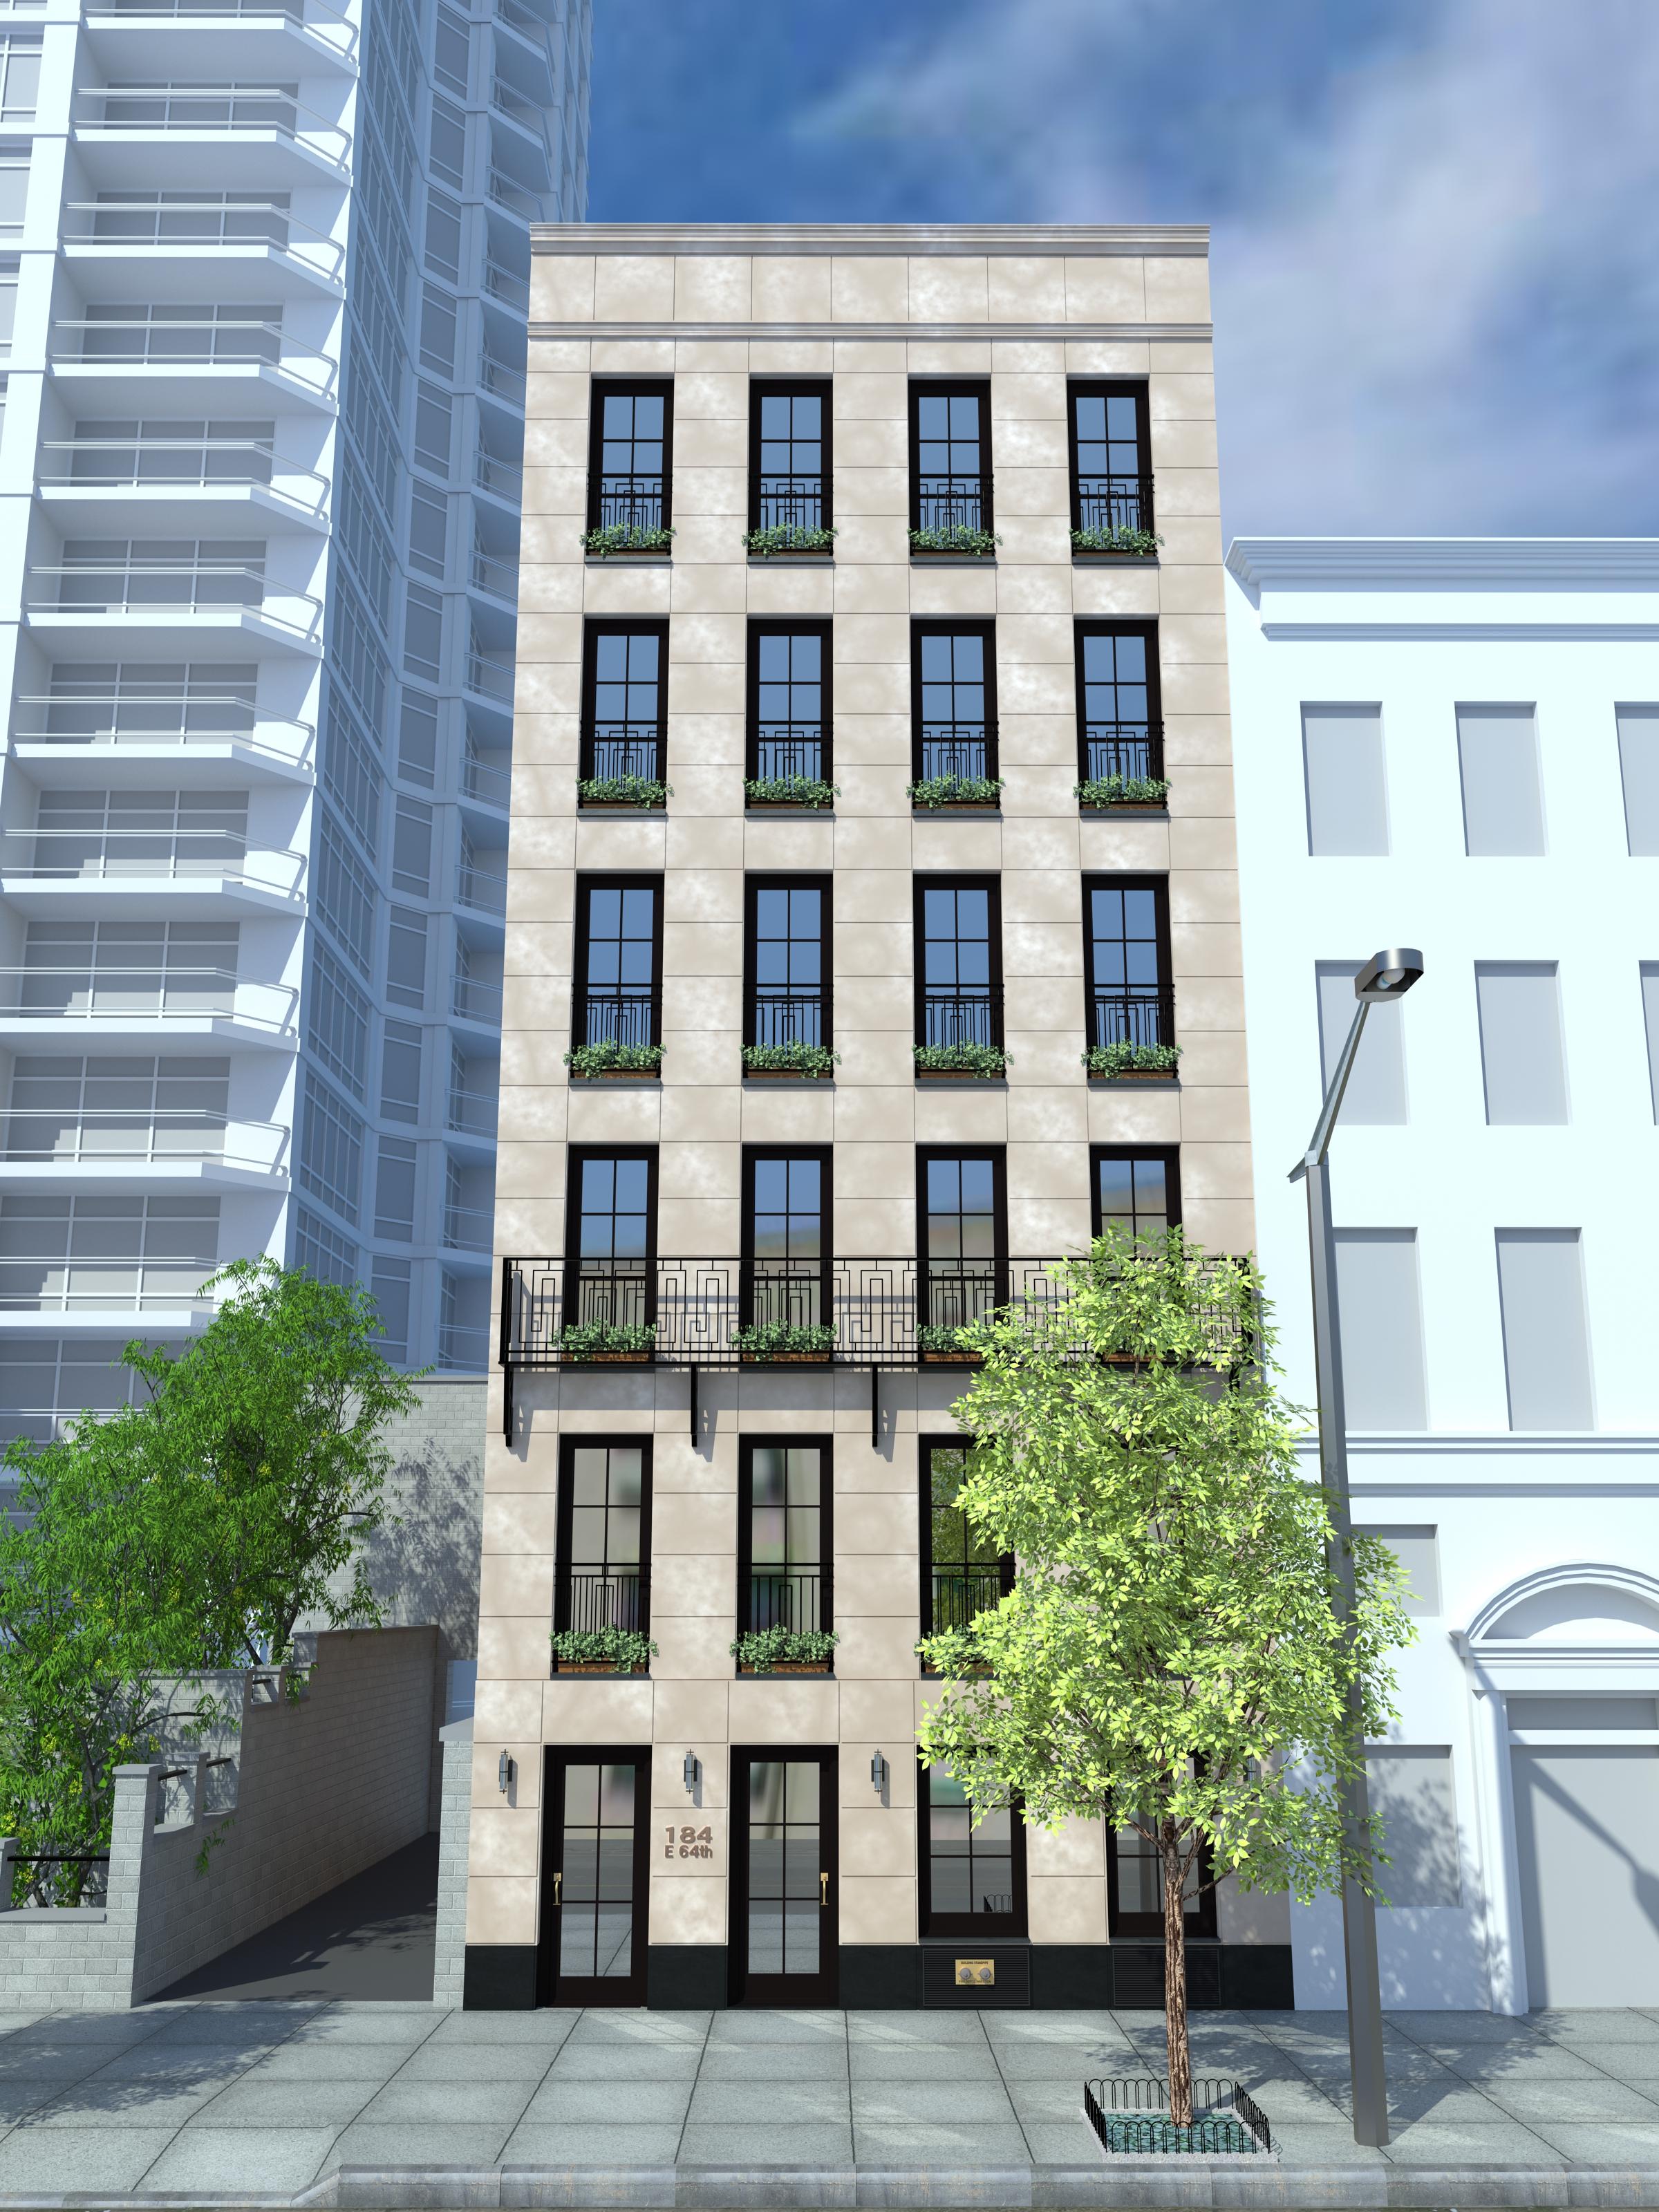 184 E 64th street.jpg